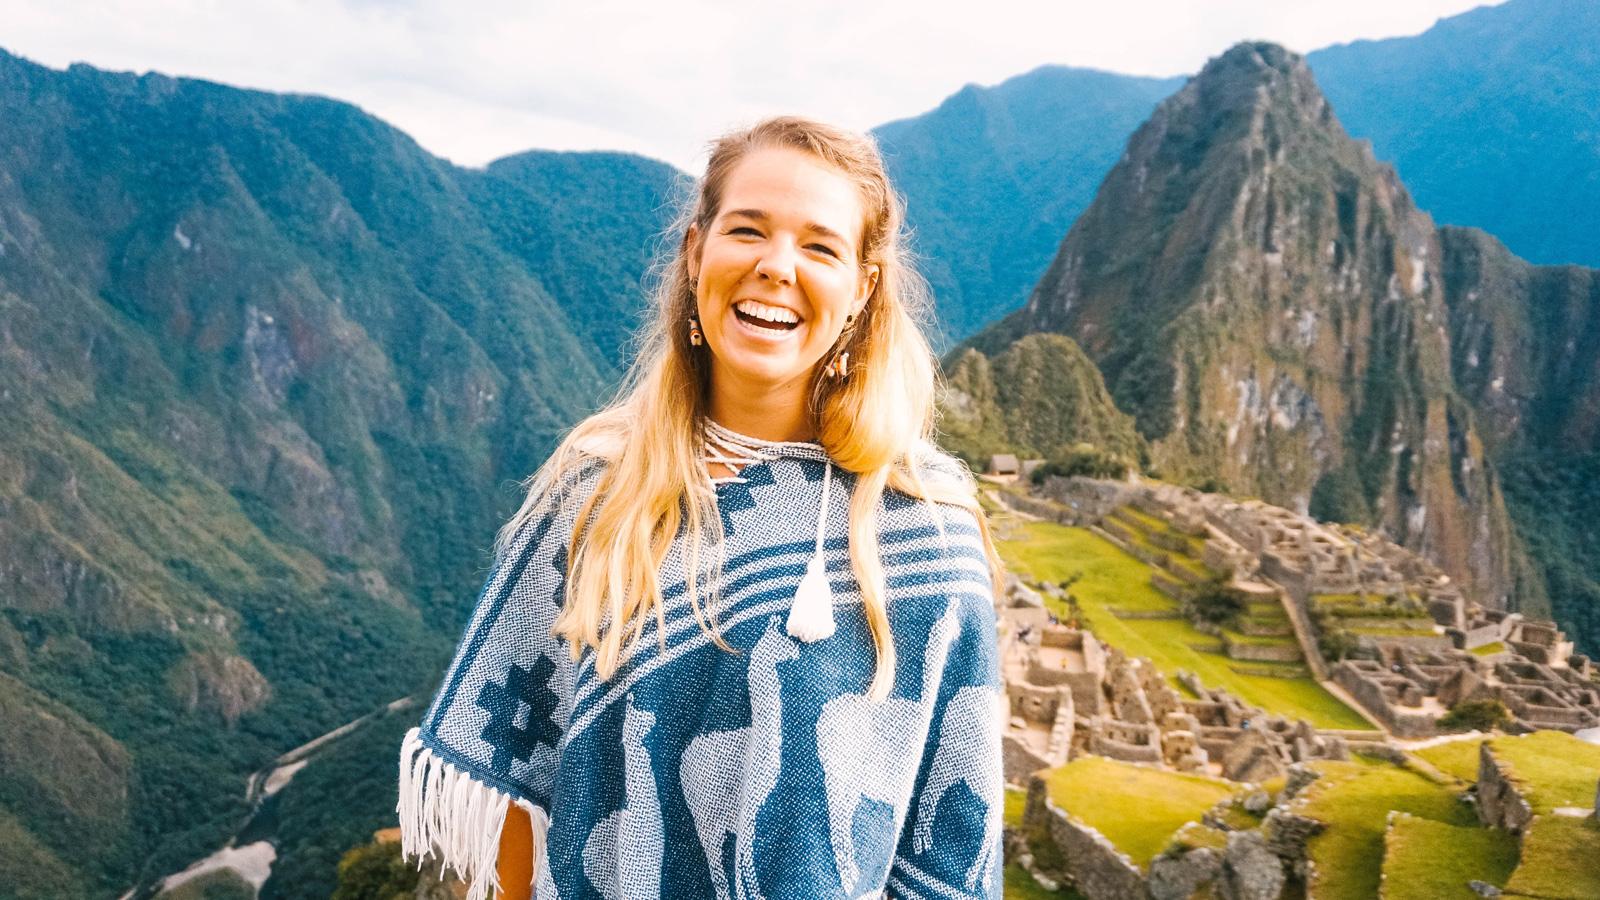 Peru Abenteuerurlaub Gruppenreisen für junge Leute traveljunkies